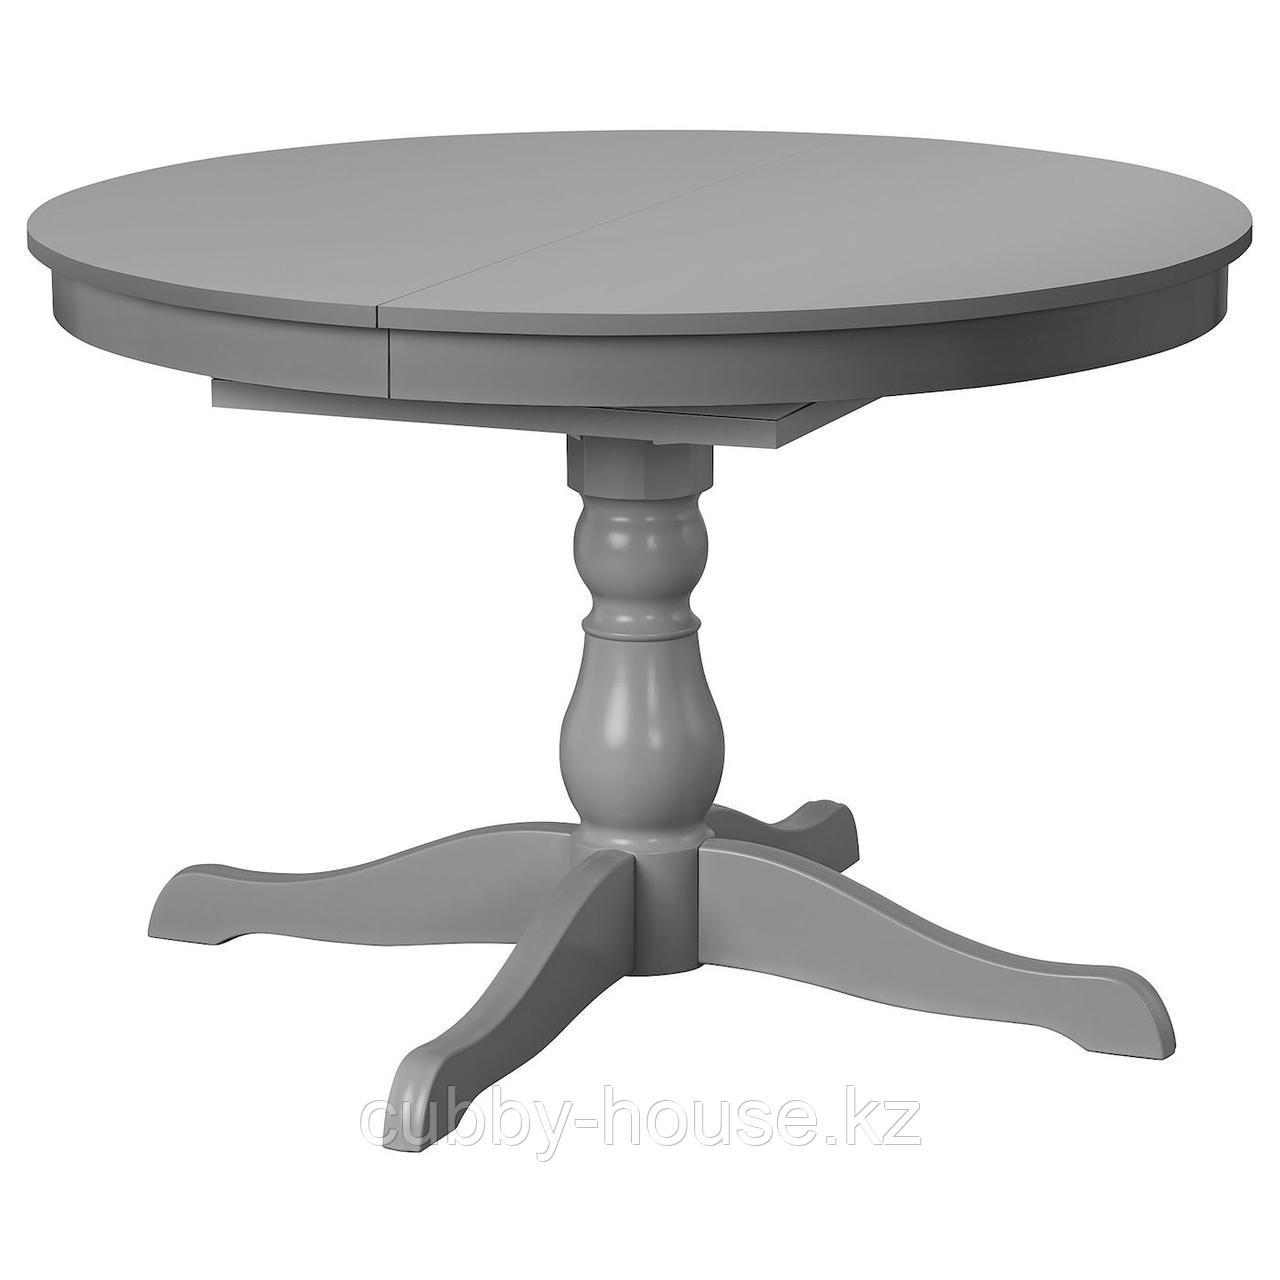 ИНГАТОРП Раздвижной стол, серый, 110/155 см